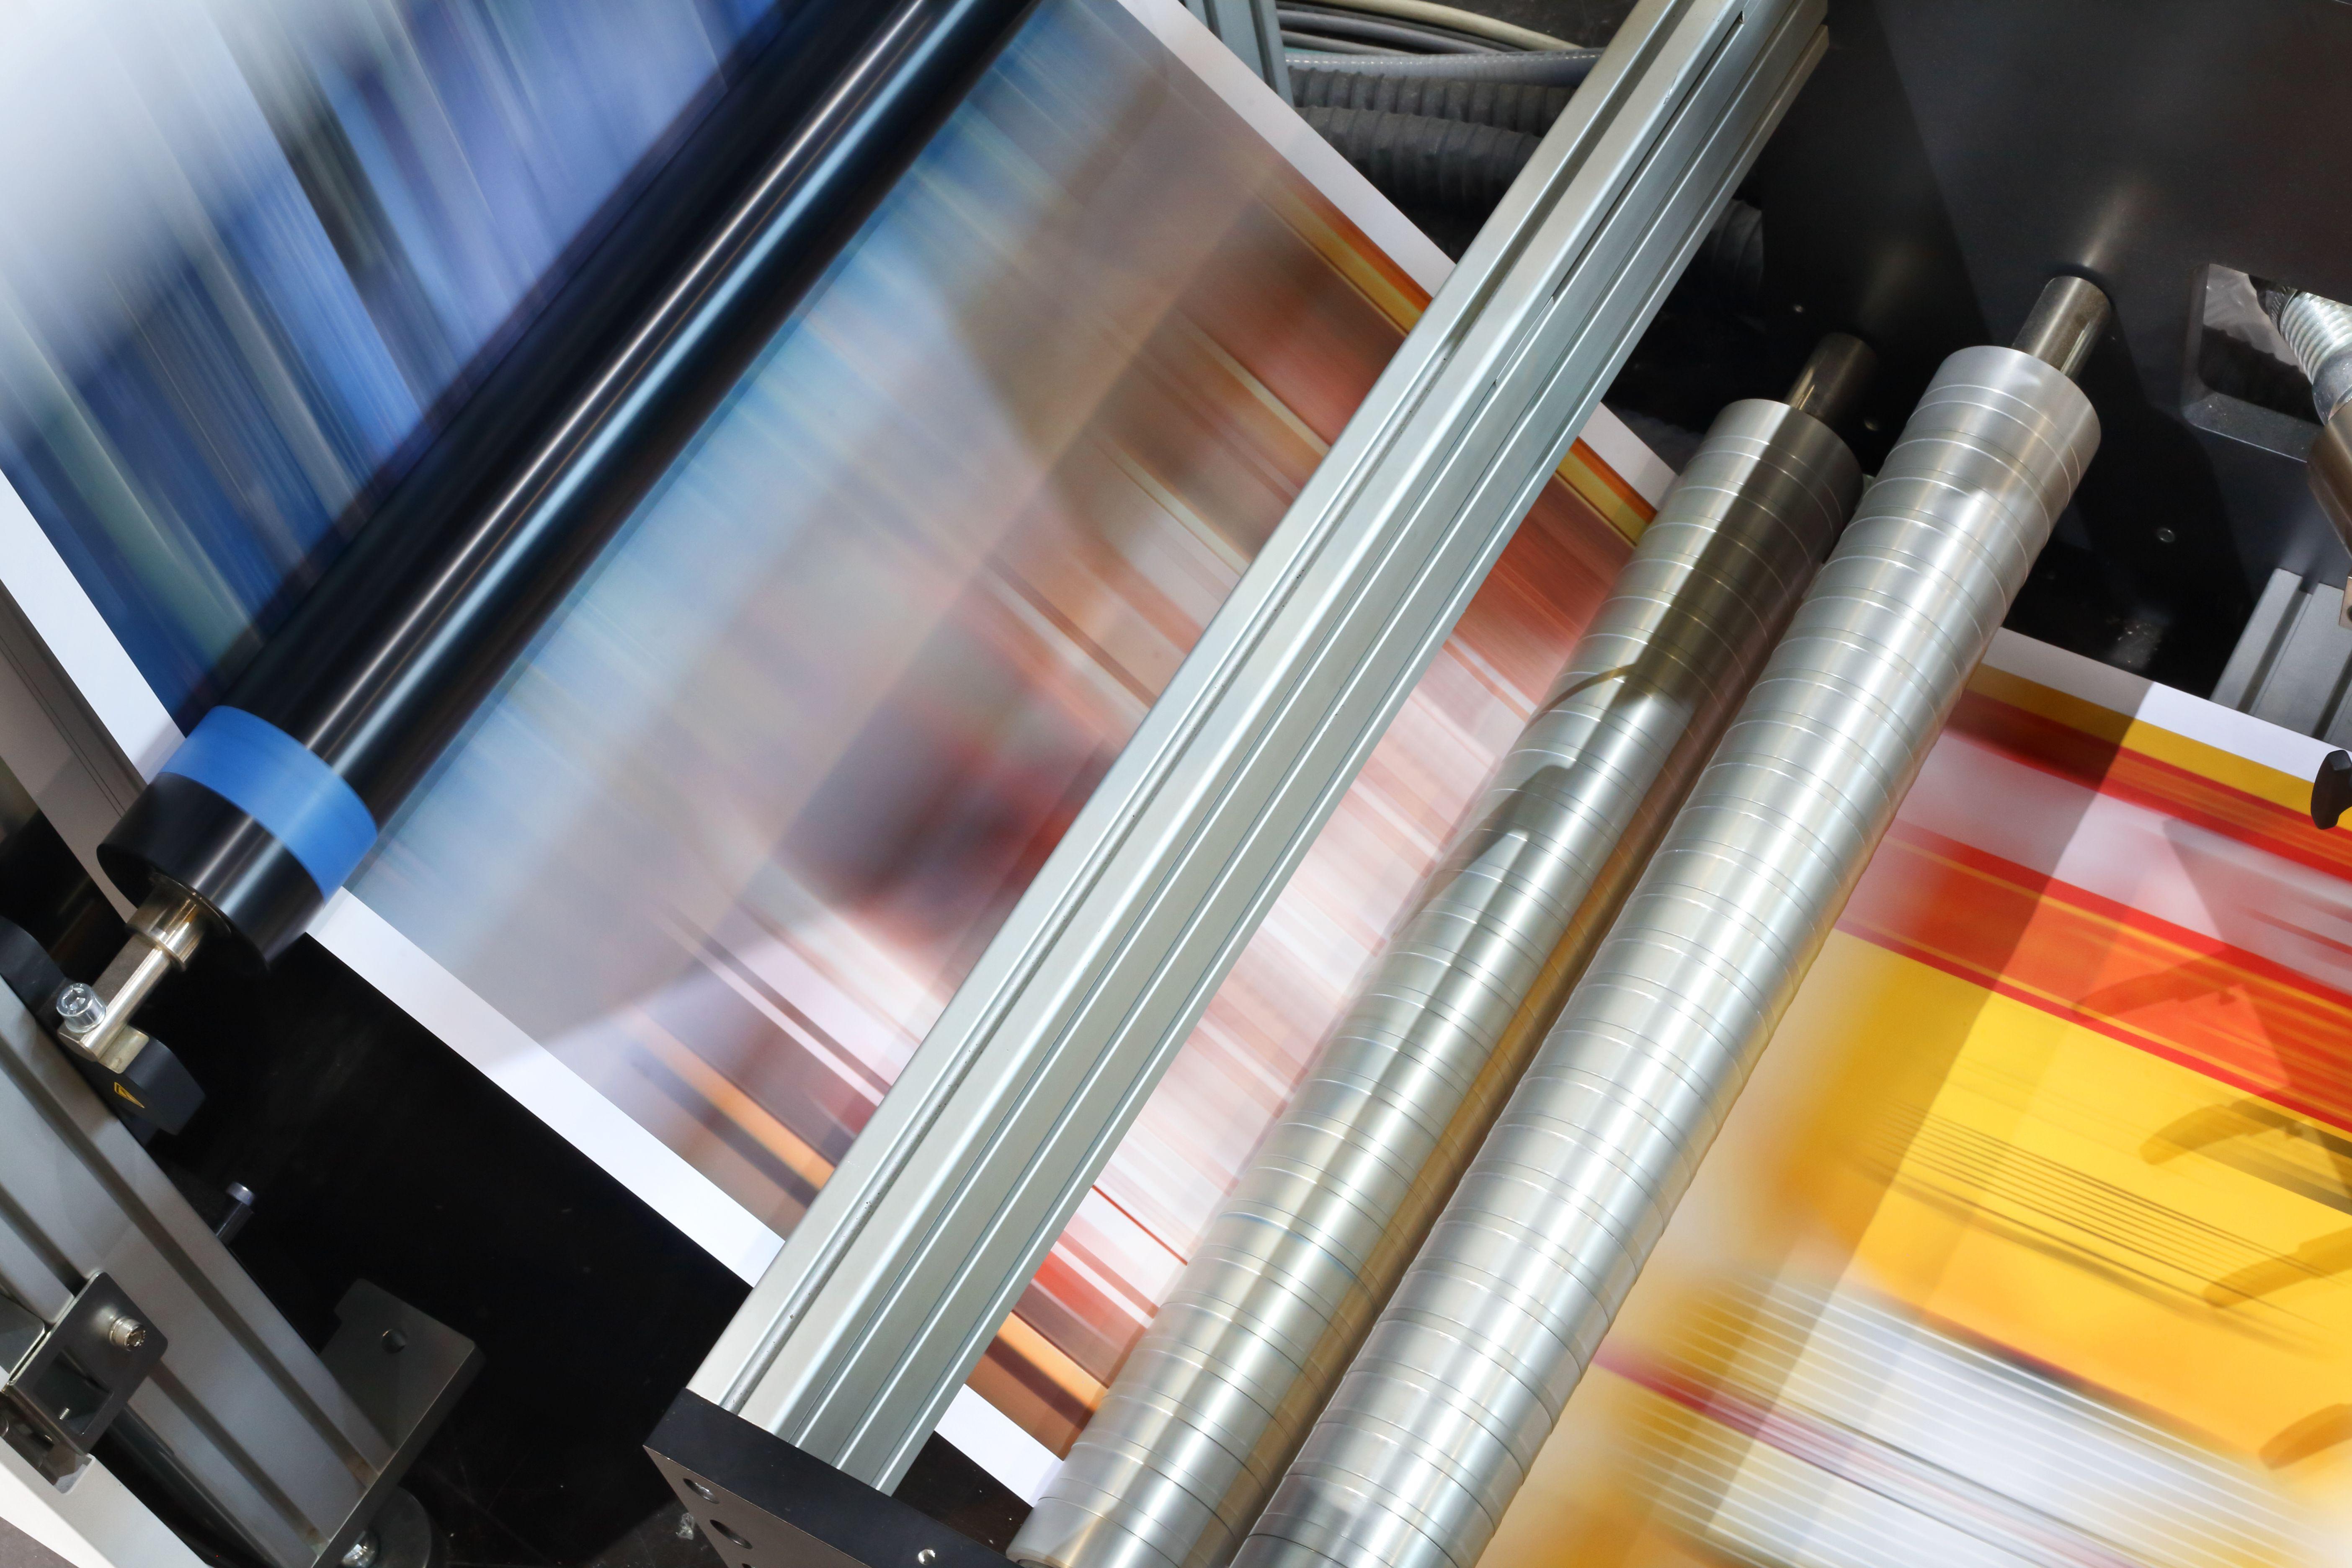 Trabajos de impresión profesional en Madrid